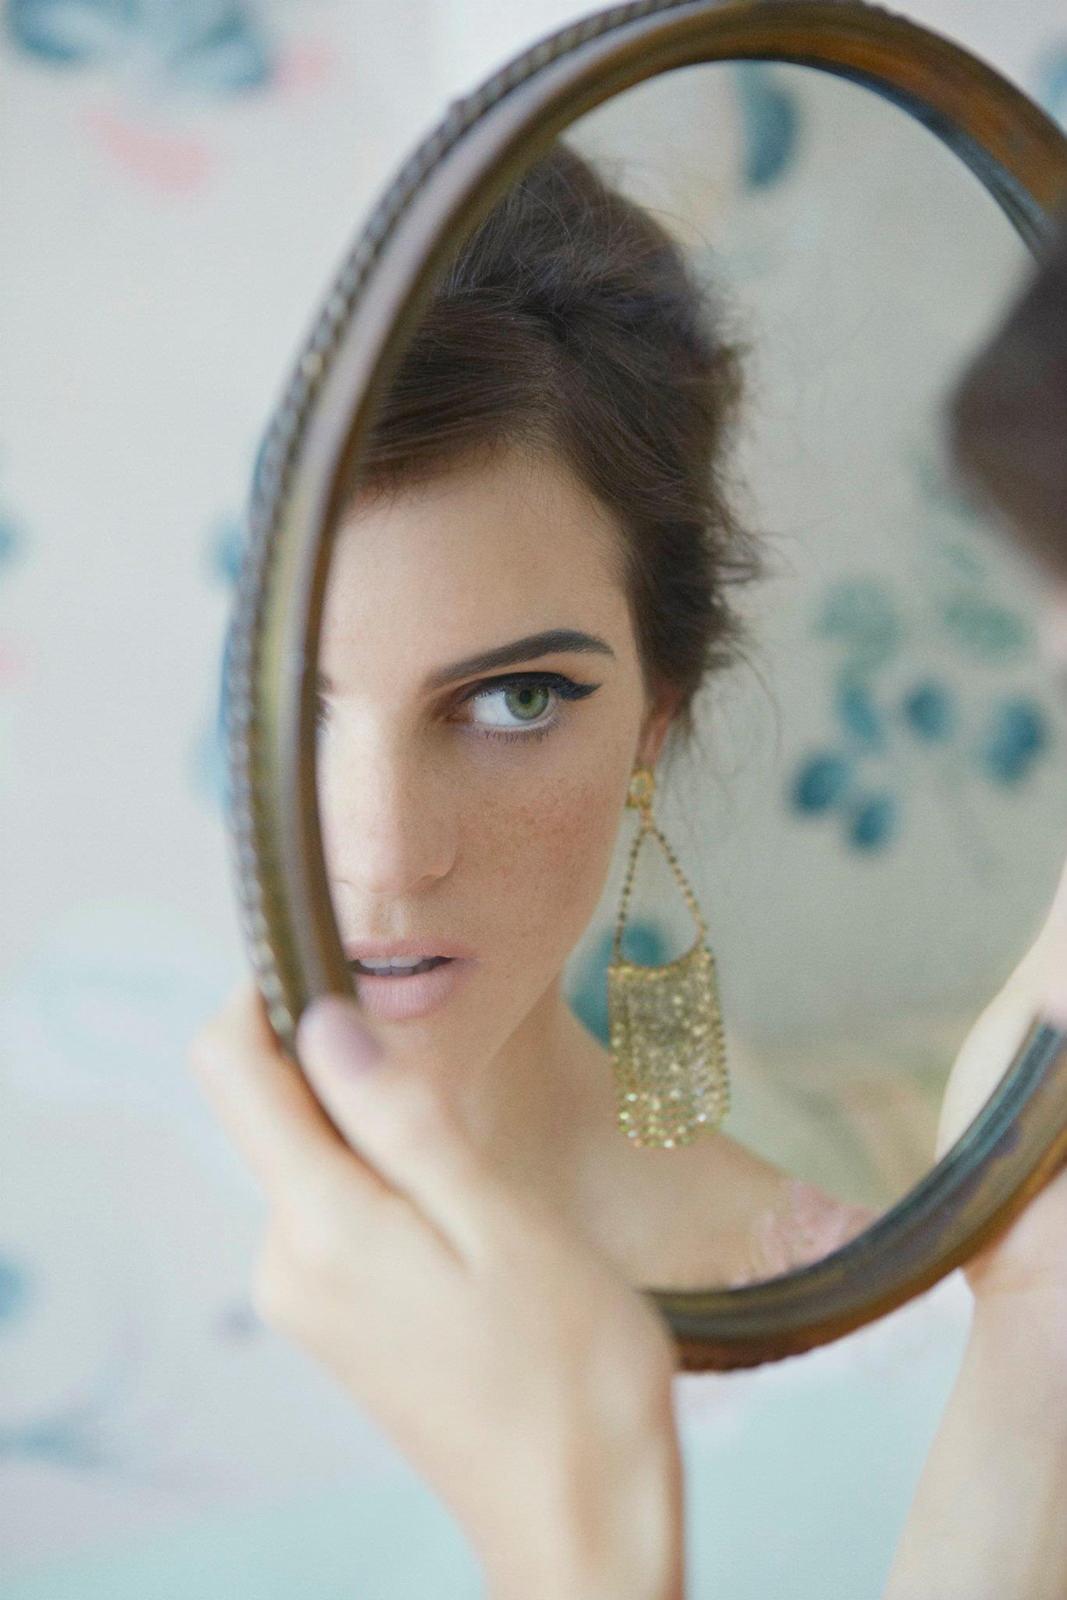 Jeisa Chiminazzo Photo Gallery